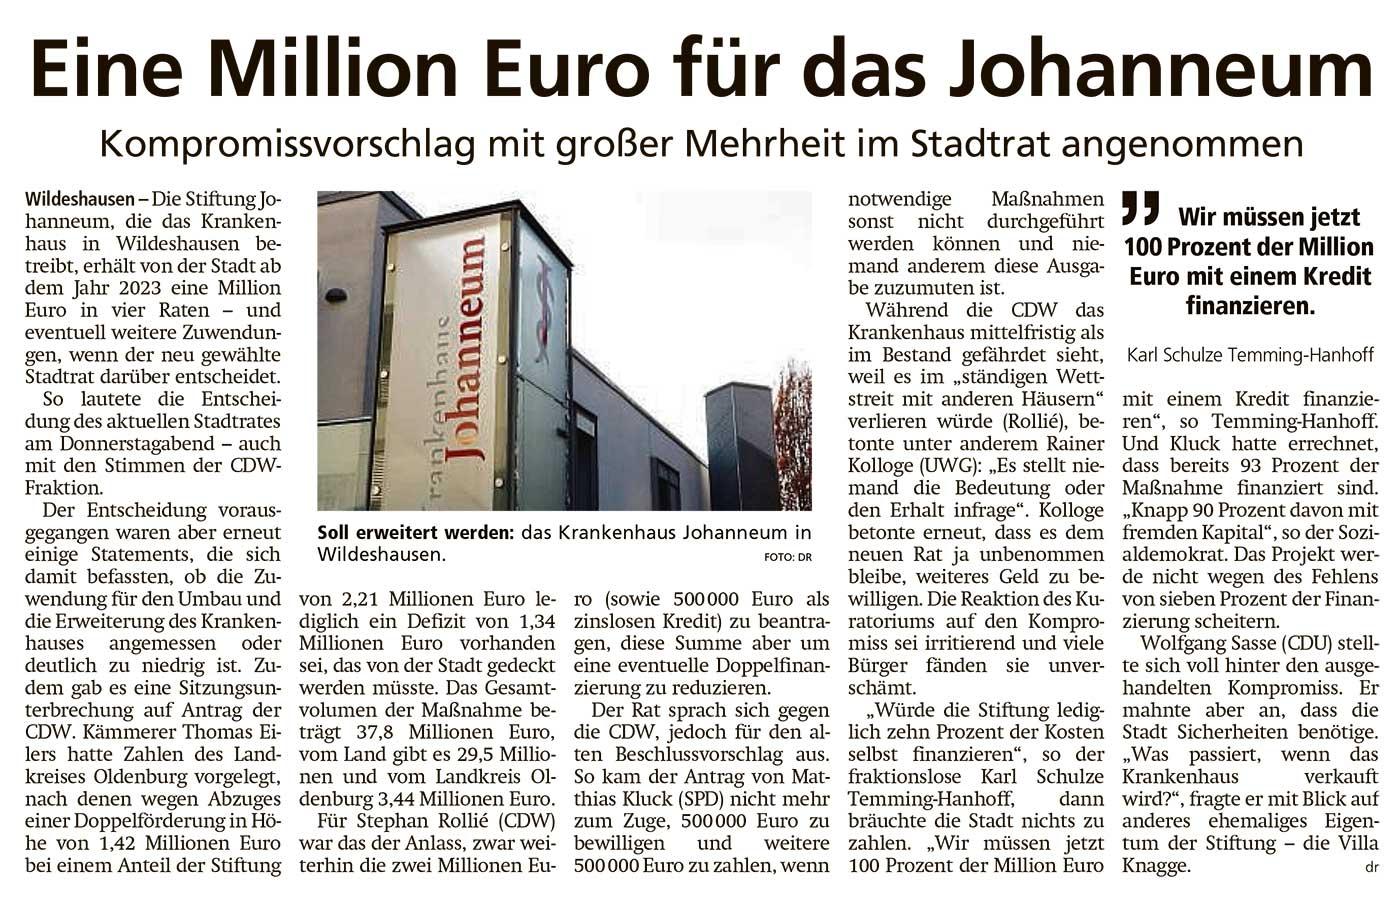 Eine Millionen Euro für das JohanneumKompromissvorschlag mit großer Mehrheit im Stadtrat angenommenArtikel vom 16.07.2021 (WZ)